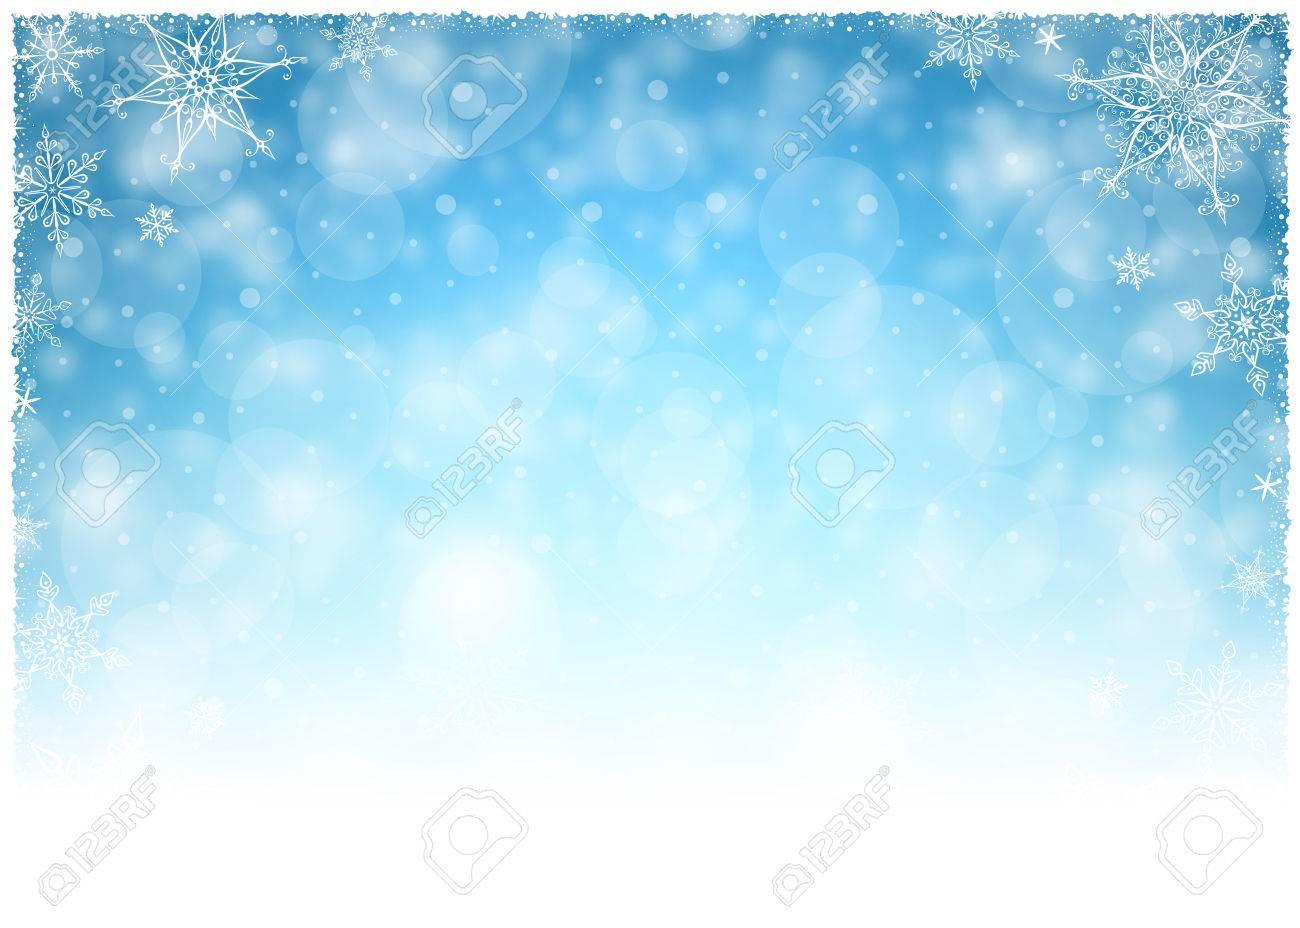 クリスマス冬フレーム の図クリスマス冬の背景のベクトル イラスト